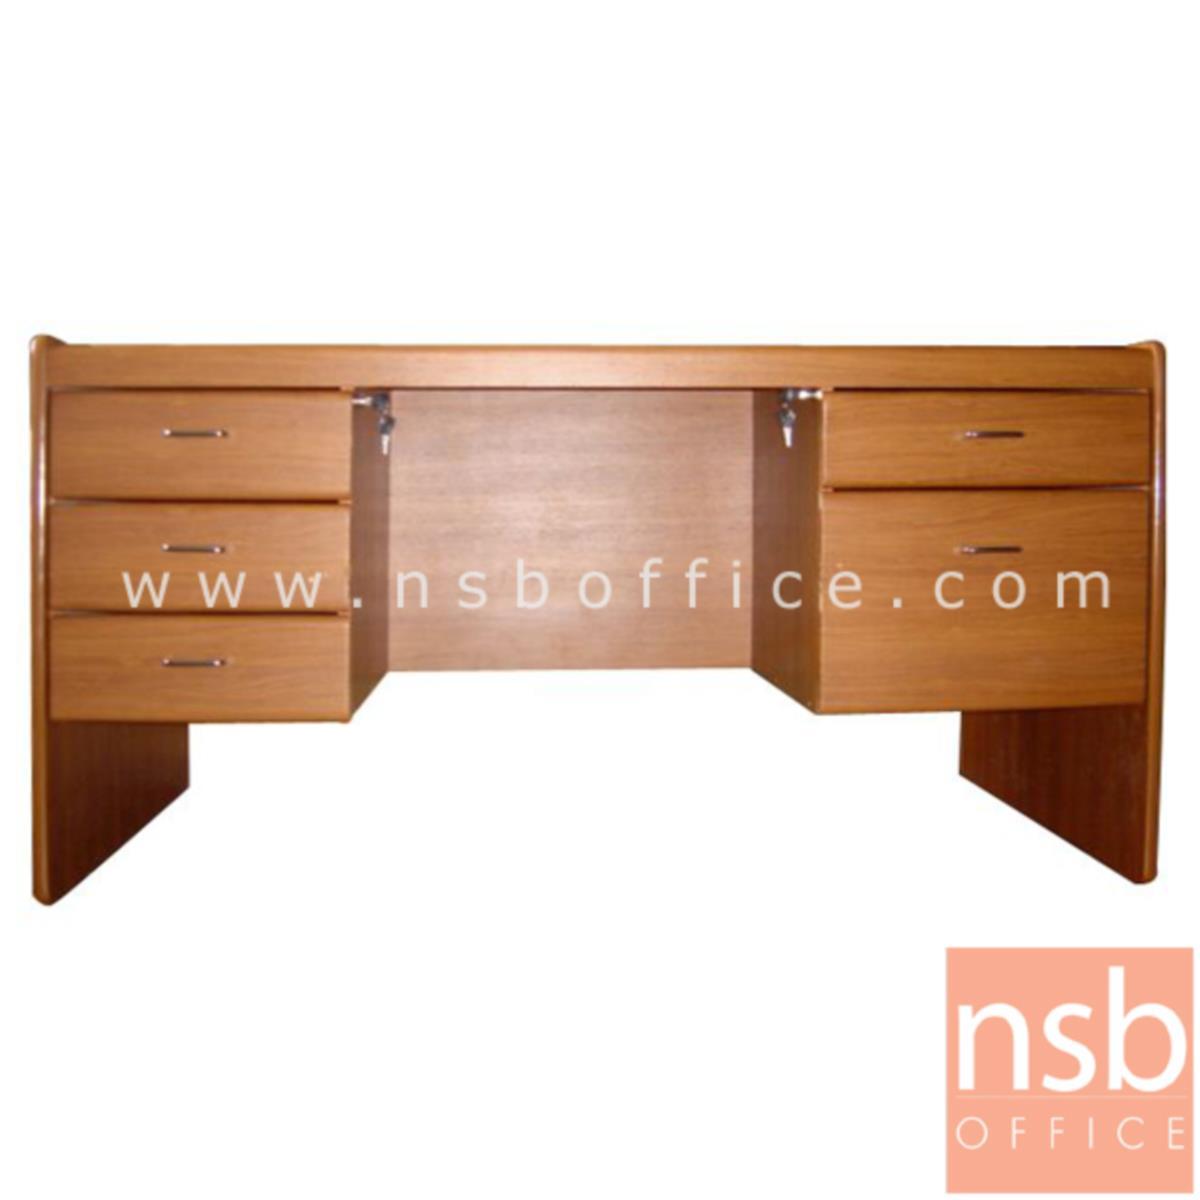 A01A004:โต๊ะทำงานใหญ่ 150W cm.  รุ่น Righteous (ไรเชียส)  4 ,5 ลิ้นชัก พร้อมกุญแจล็อค